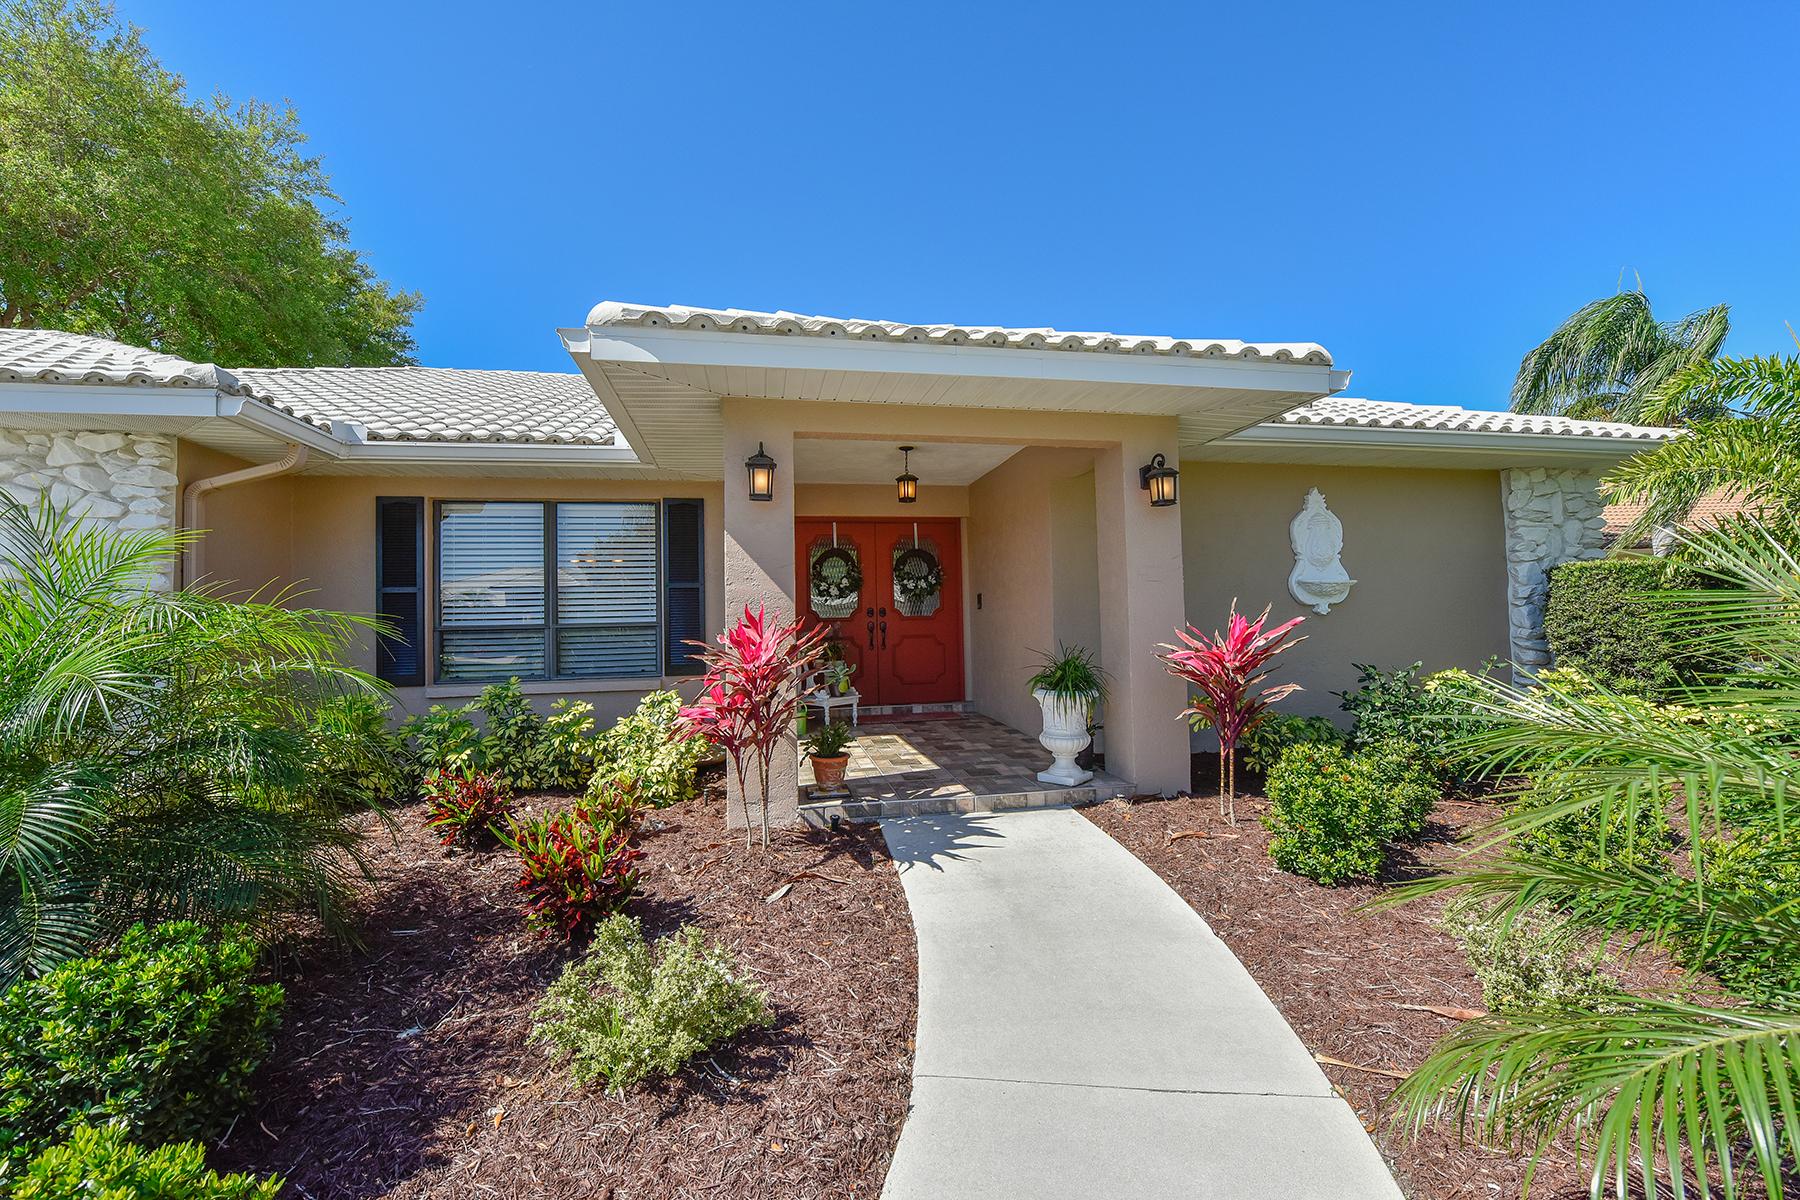 Частный односемейный дом для того Продажа на SORRENTO WOODS 1299 Vermeer Dr Nokomis, Флорида, 34275 Соединенные Штаты